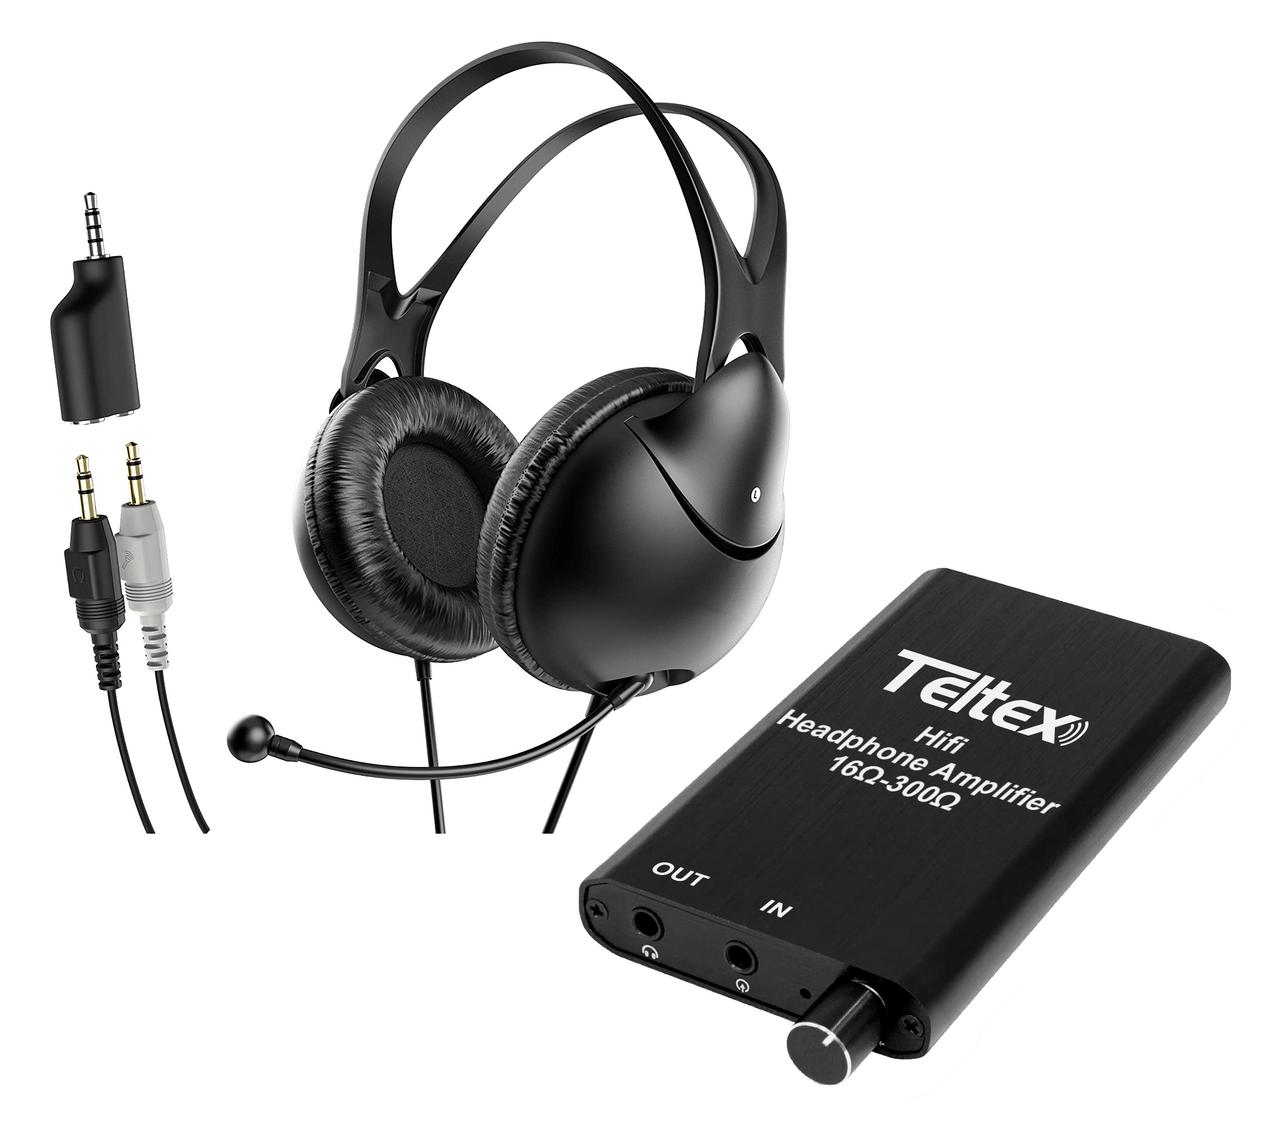 Teltex In-Line Amplifier Headset w/Boom Microphone